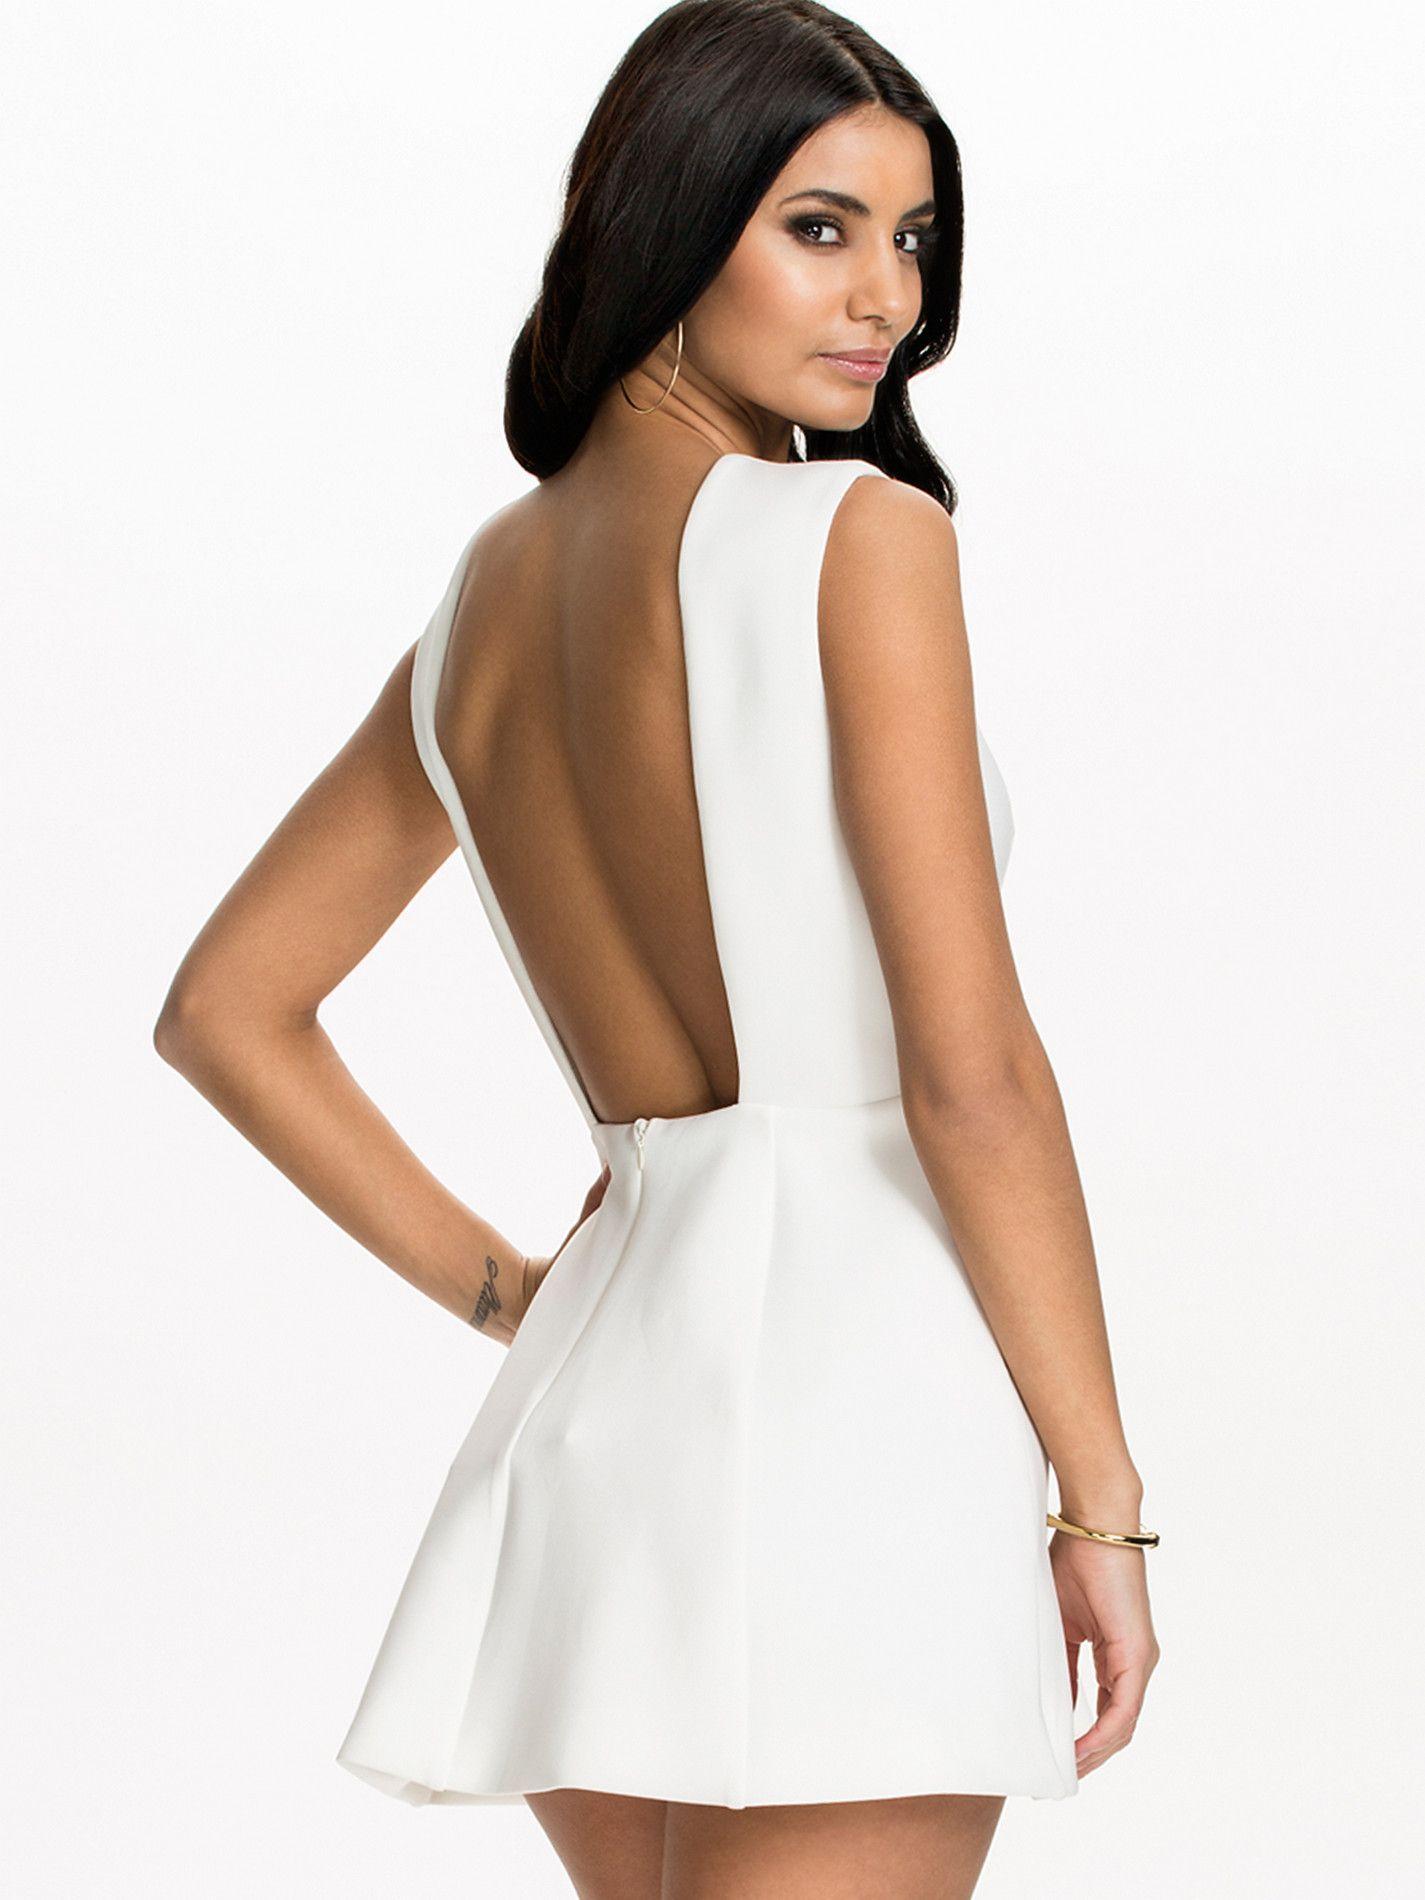 f1d8dac22 Vestido blanco corto con escote en espalda